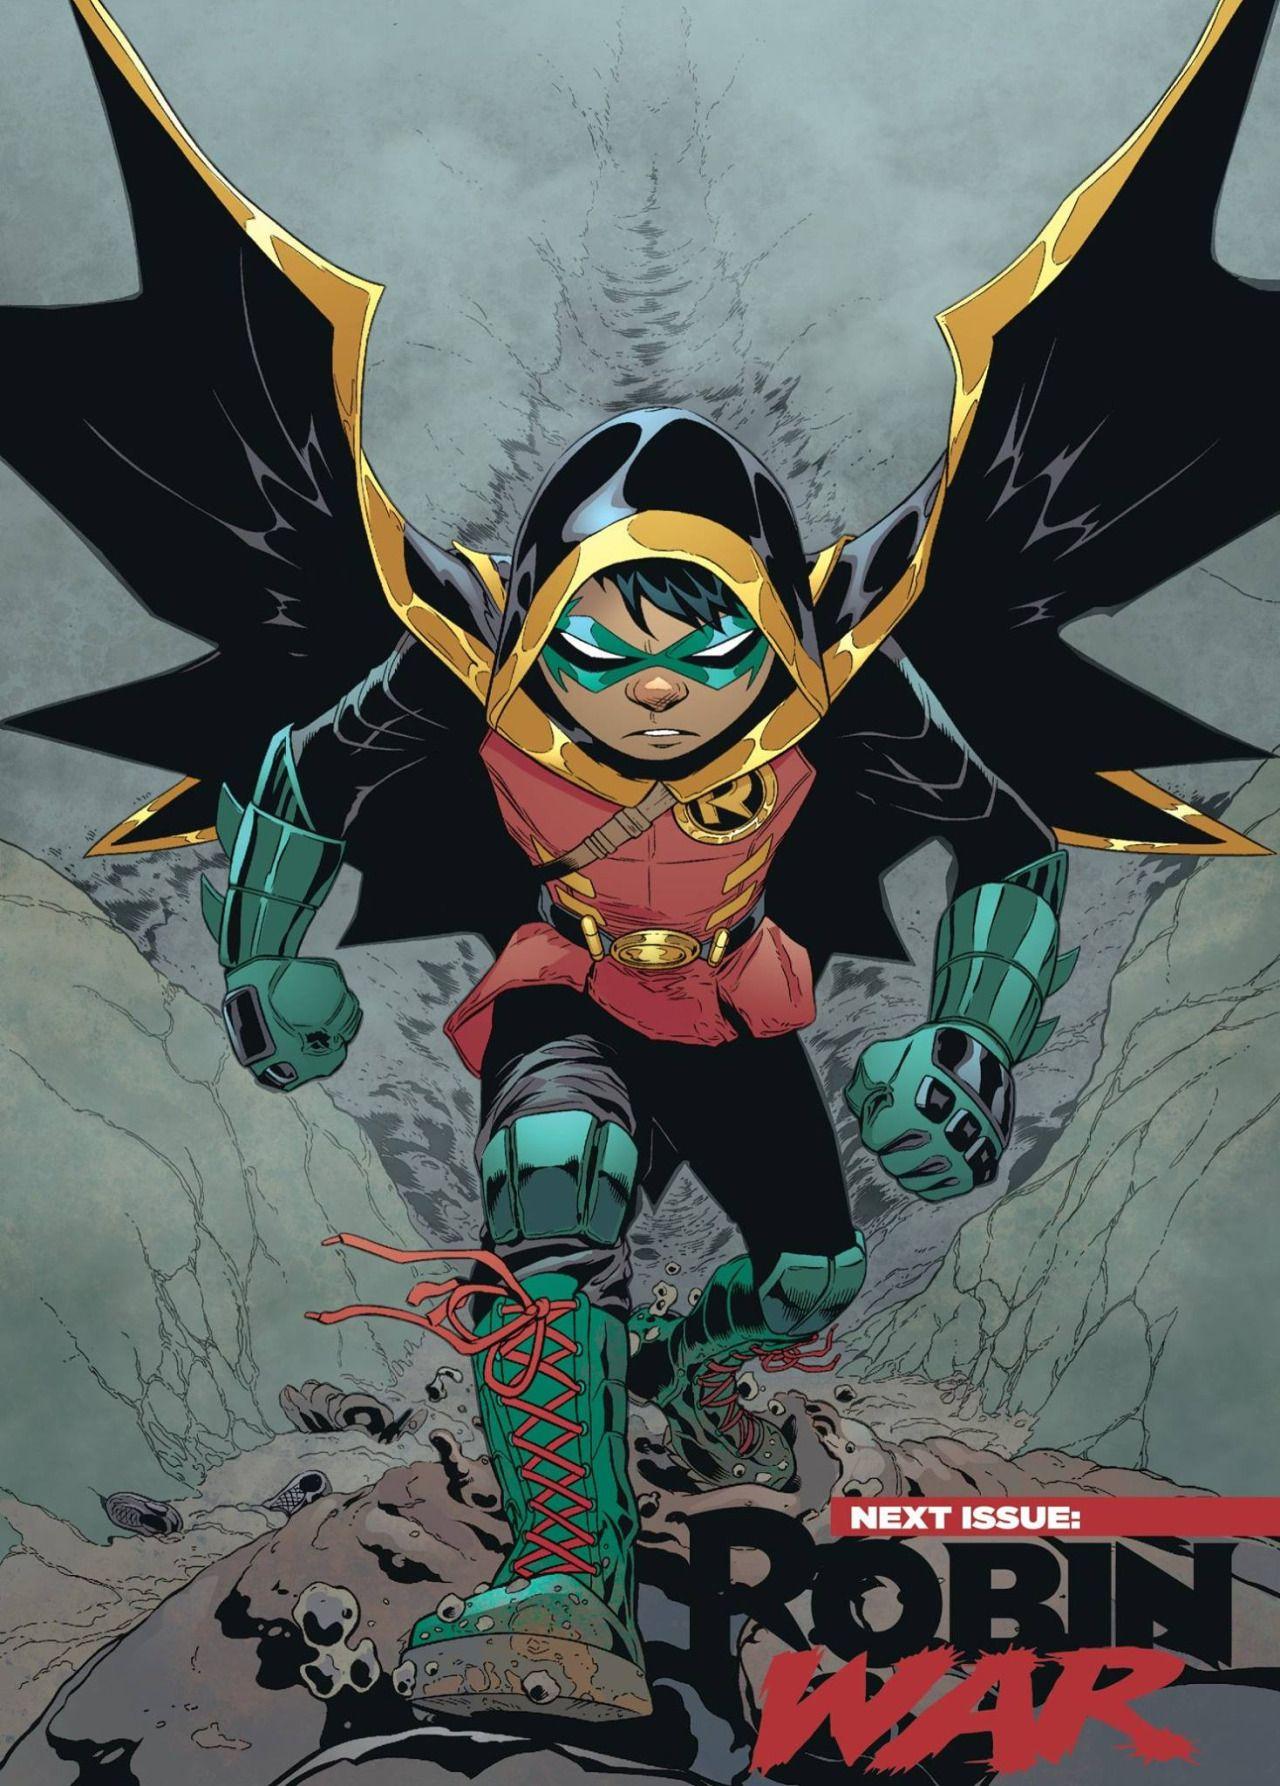 ROBIN son of BATMAN #1 /& #2 1st print DC COMIC set 2015 DEMON Patrick Gleason NM